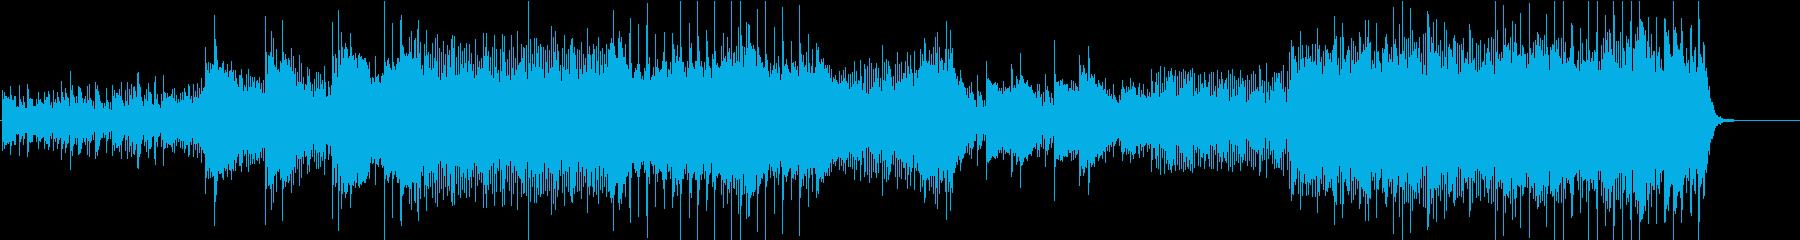 2台ピアノの掛け合いが心地よいピアノ曲の再生済みの波形